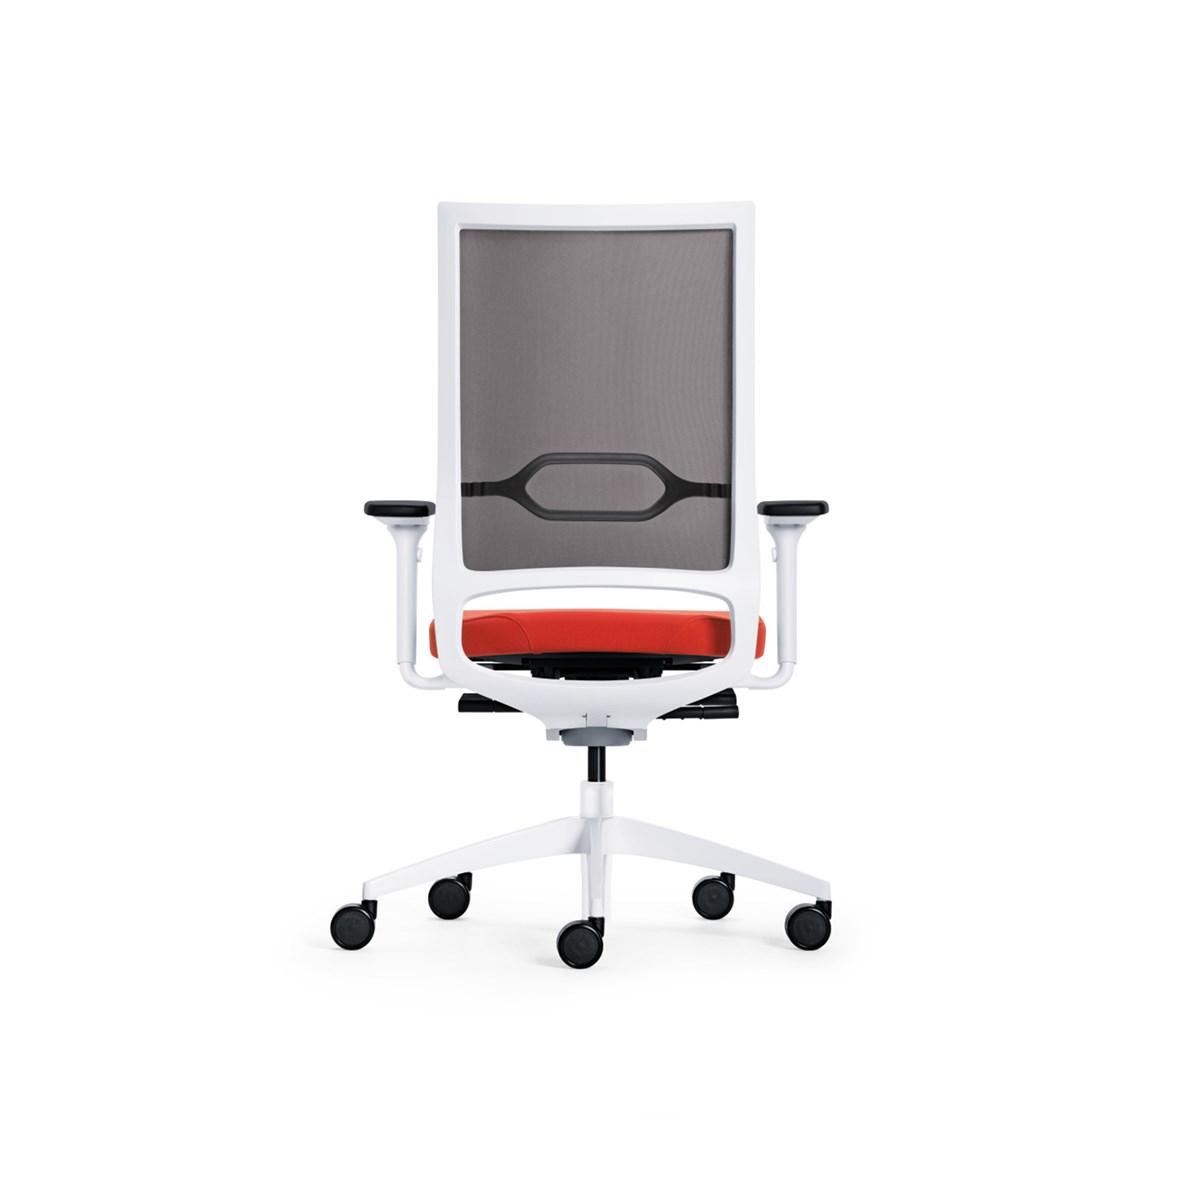 Sedus-Quarterback-Task-Chair-Matisse-2